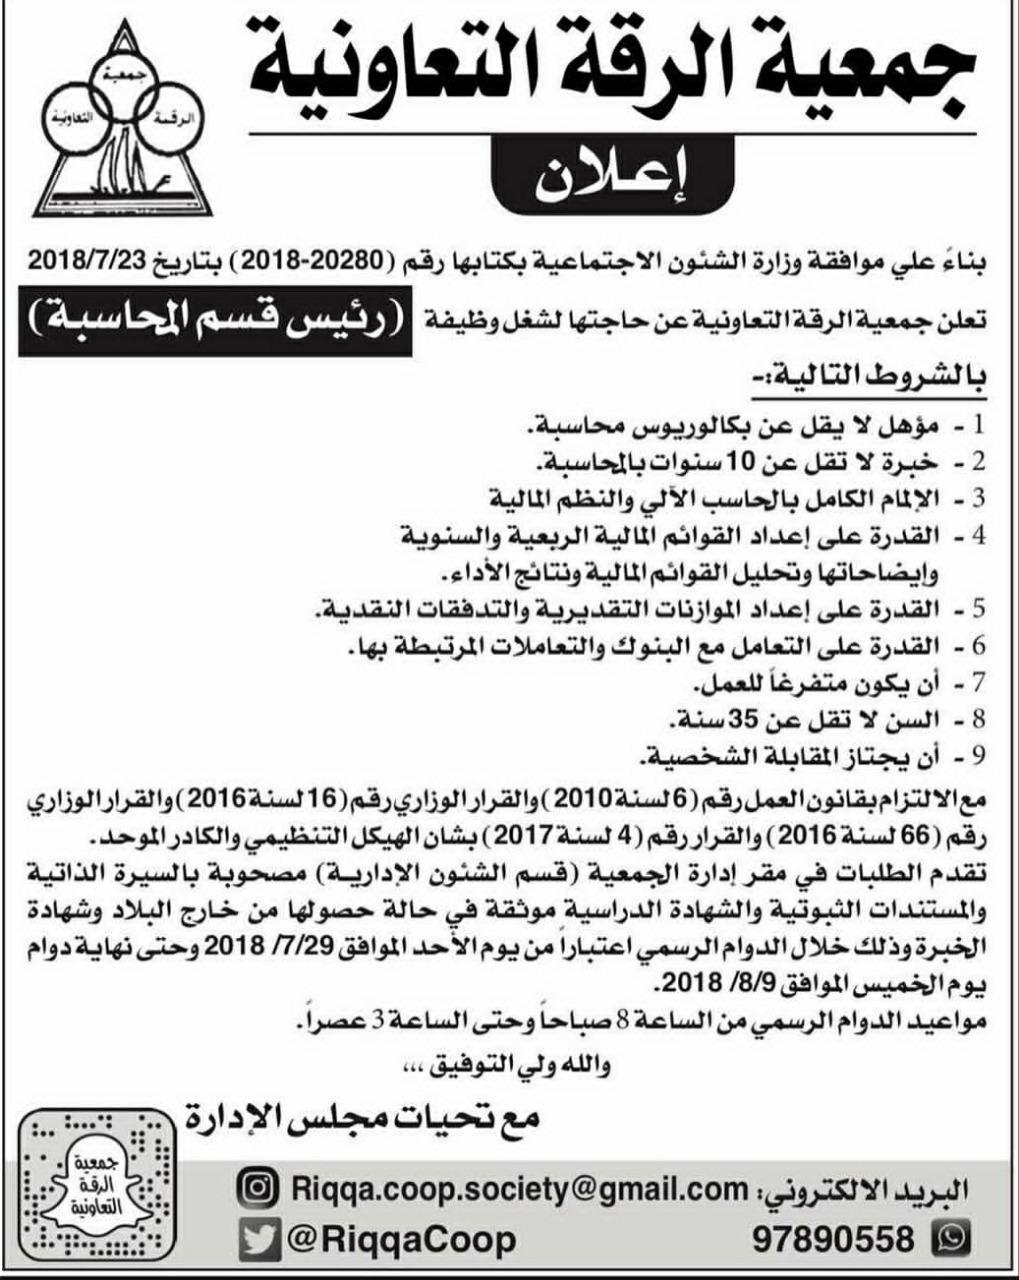 توظيف جمعية الرقة التعاونية